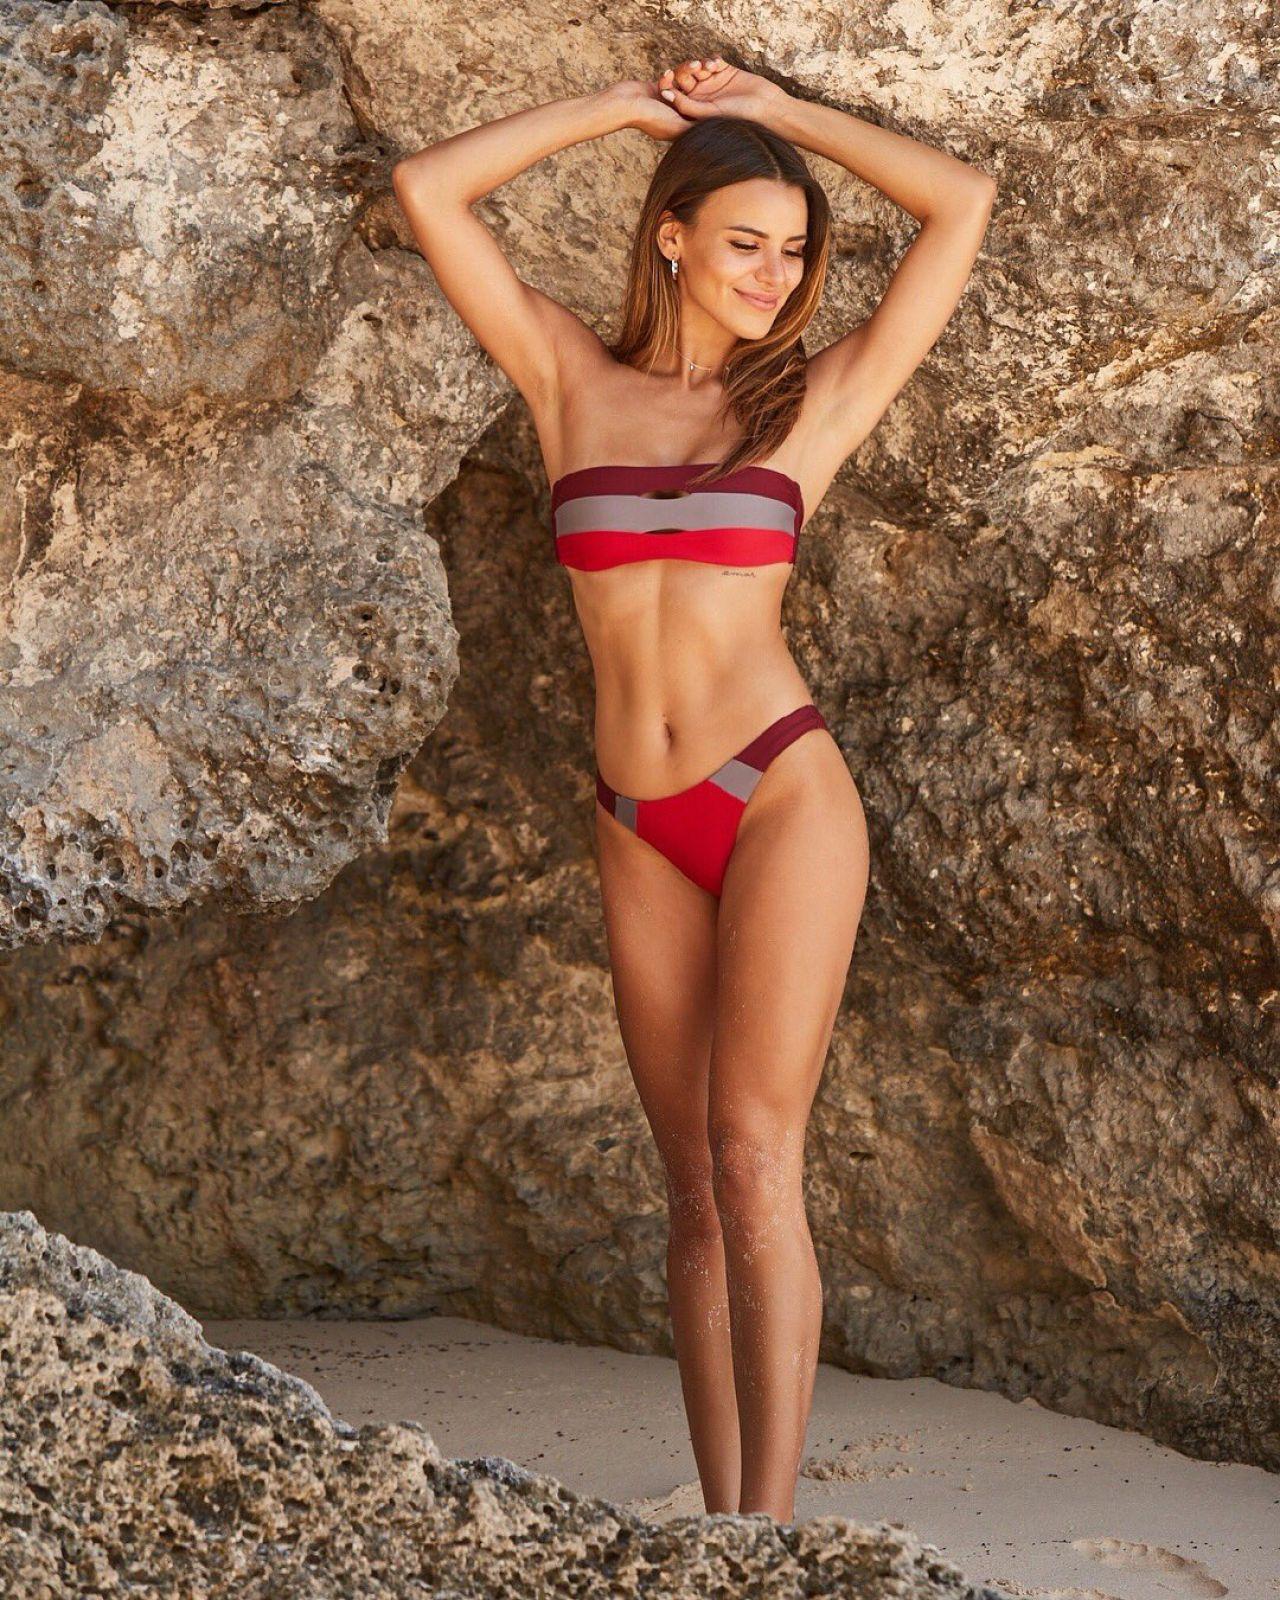 Bikini Madison Reed naked (58 photo), Hot